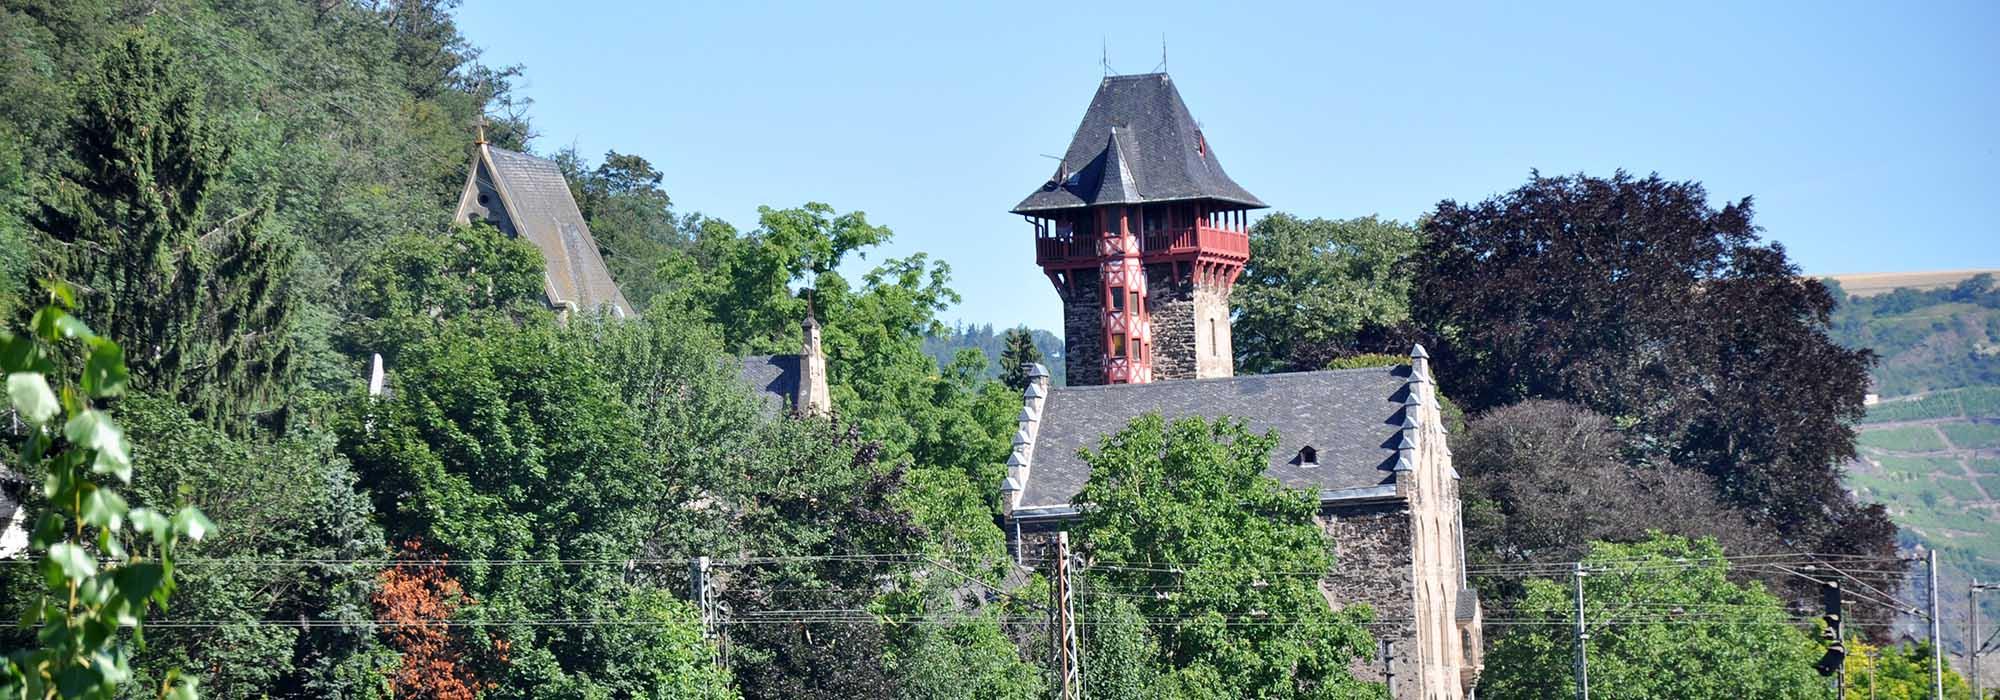 DSC_1870Gondorf-Schloss-Liebig